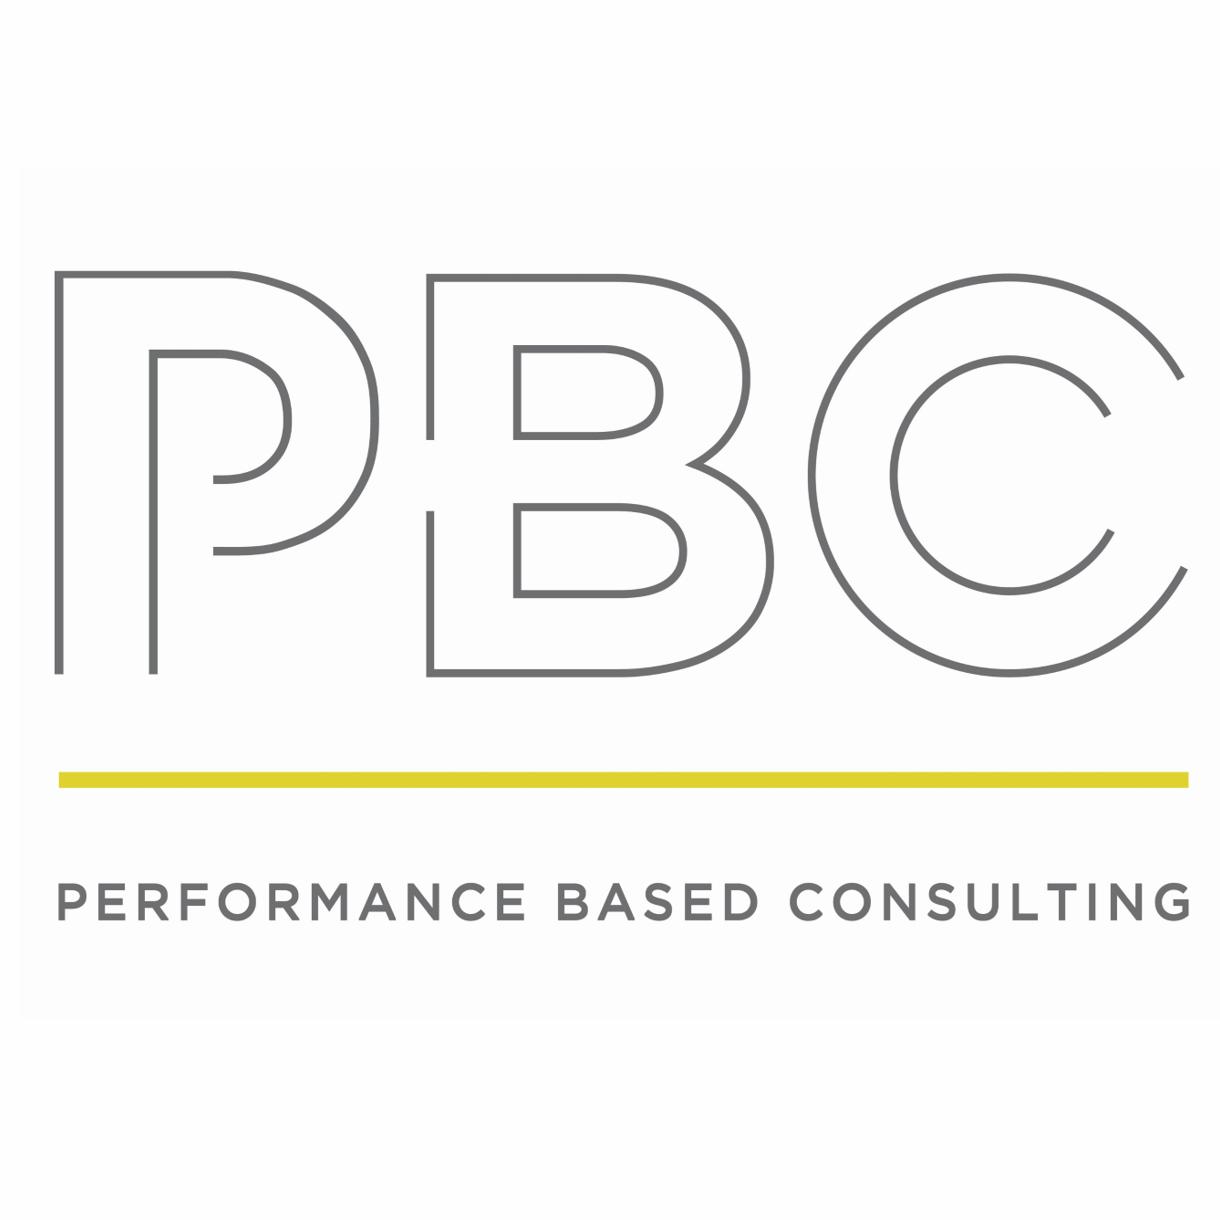 PBC_Square_logo_white_back.jpg